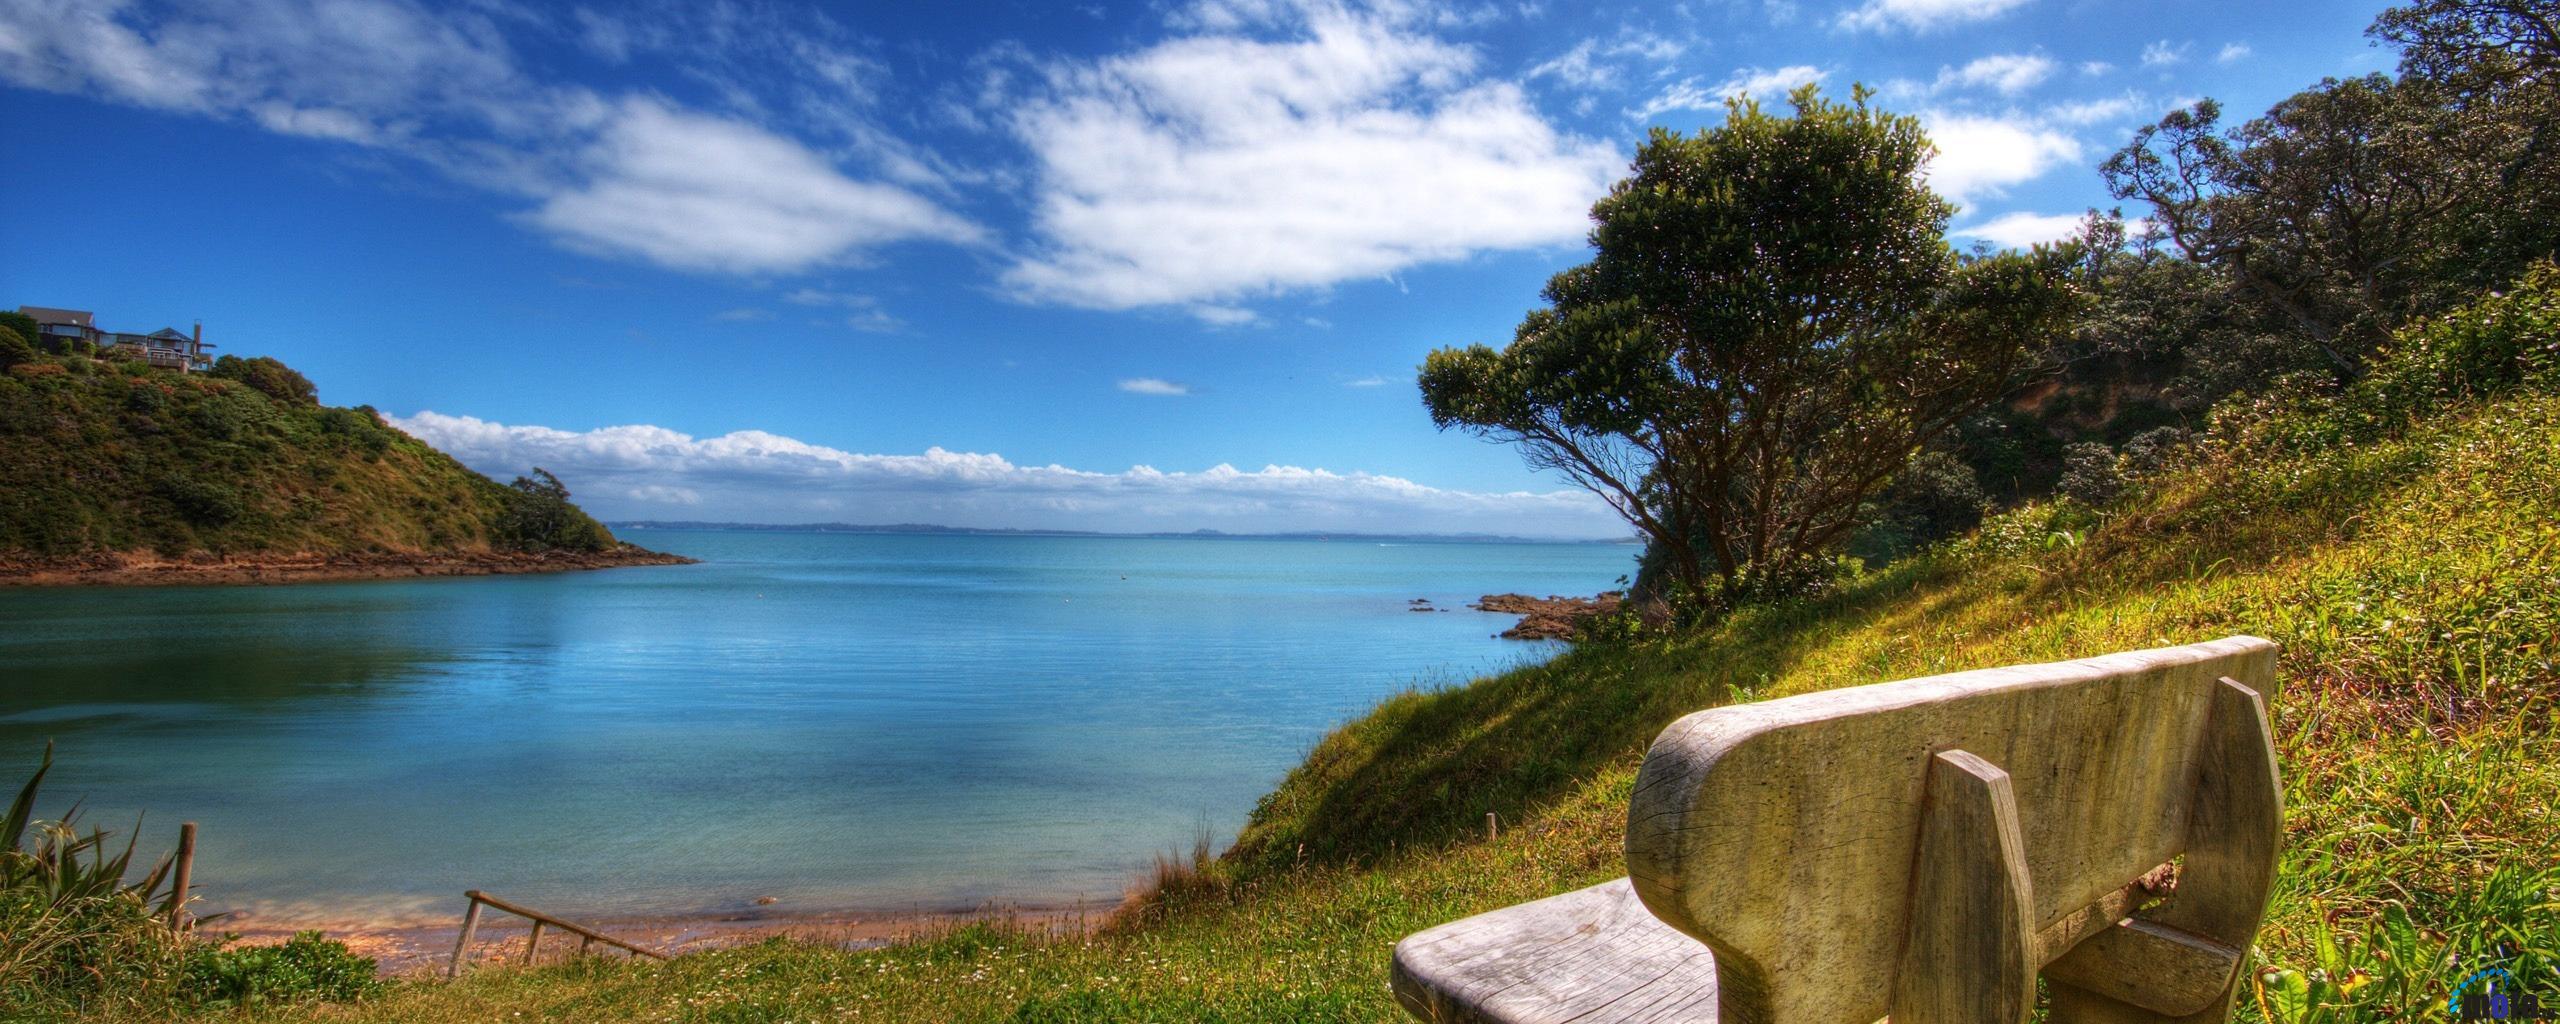 Palm Beach Bungalows   Waiheke Island Accommodation at Palm Beach 2560x1024